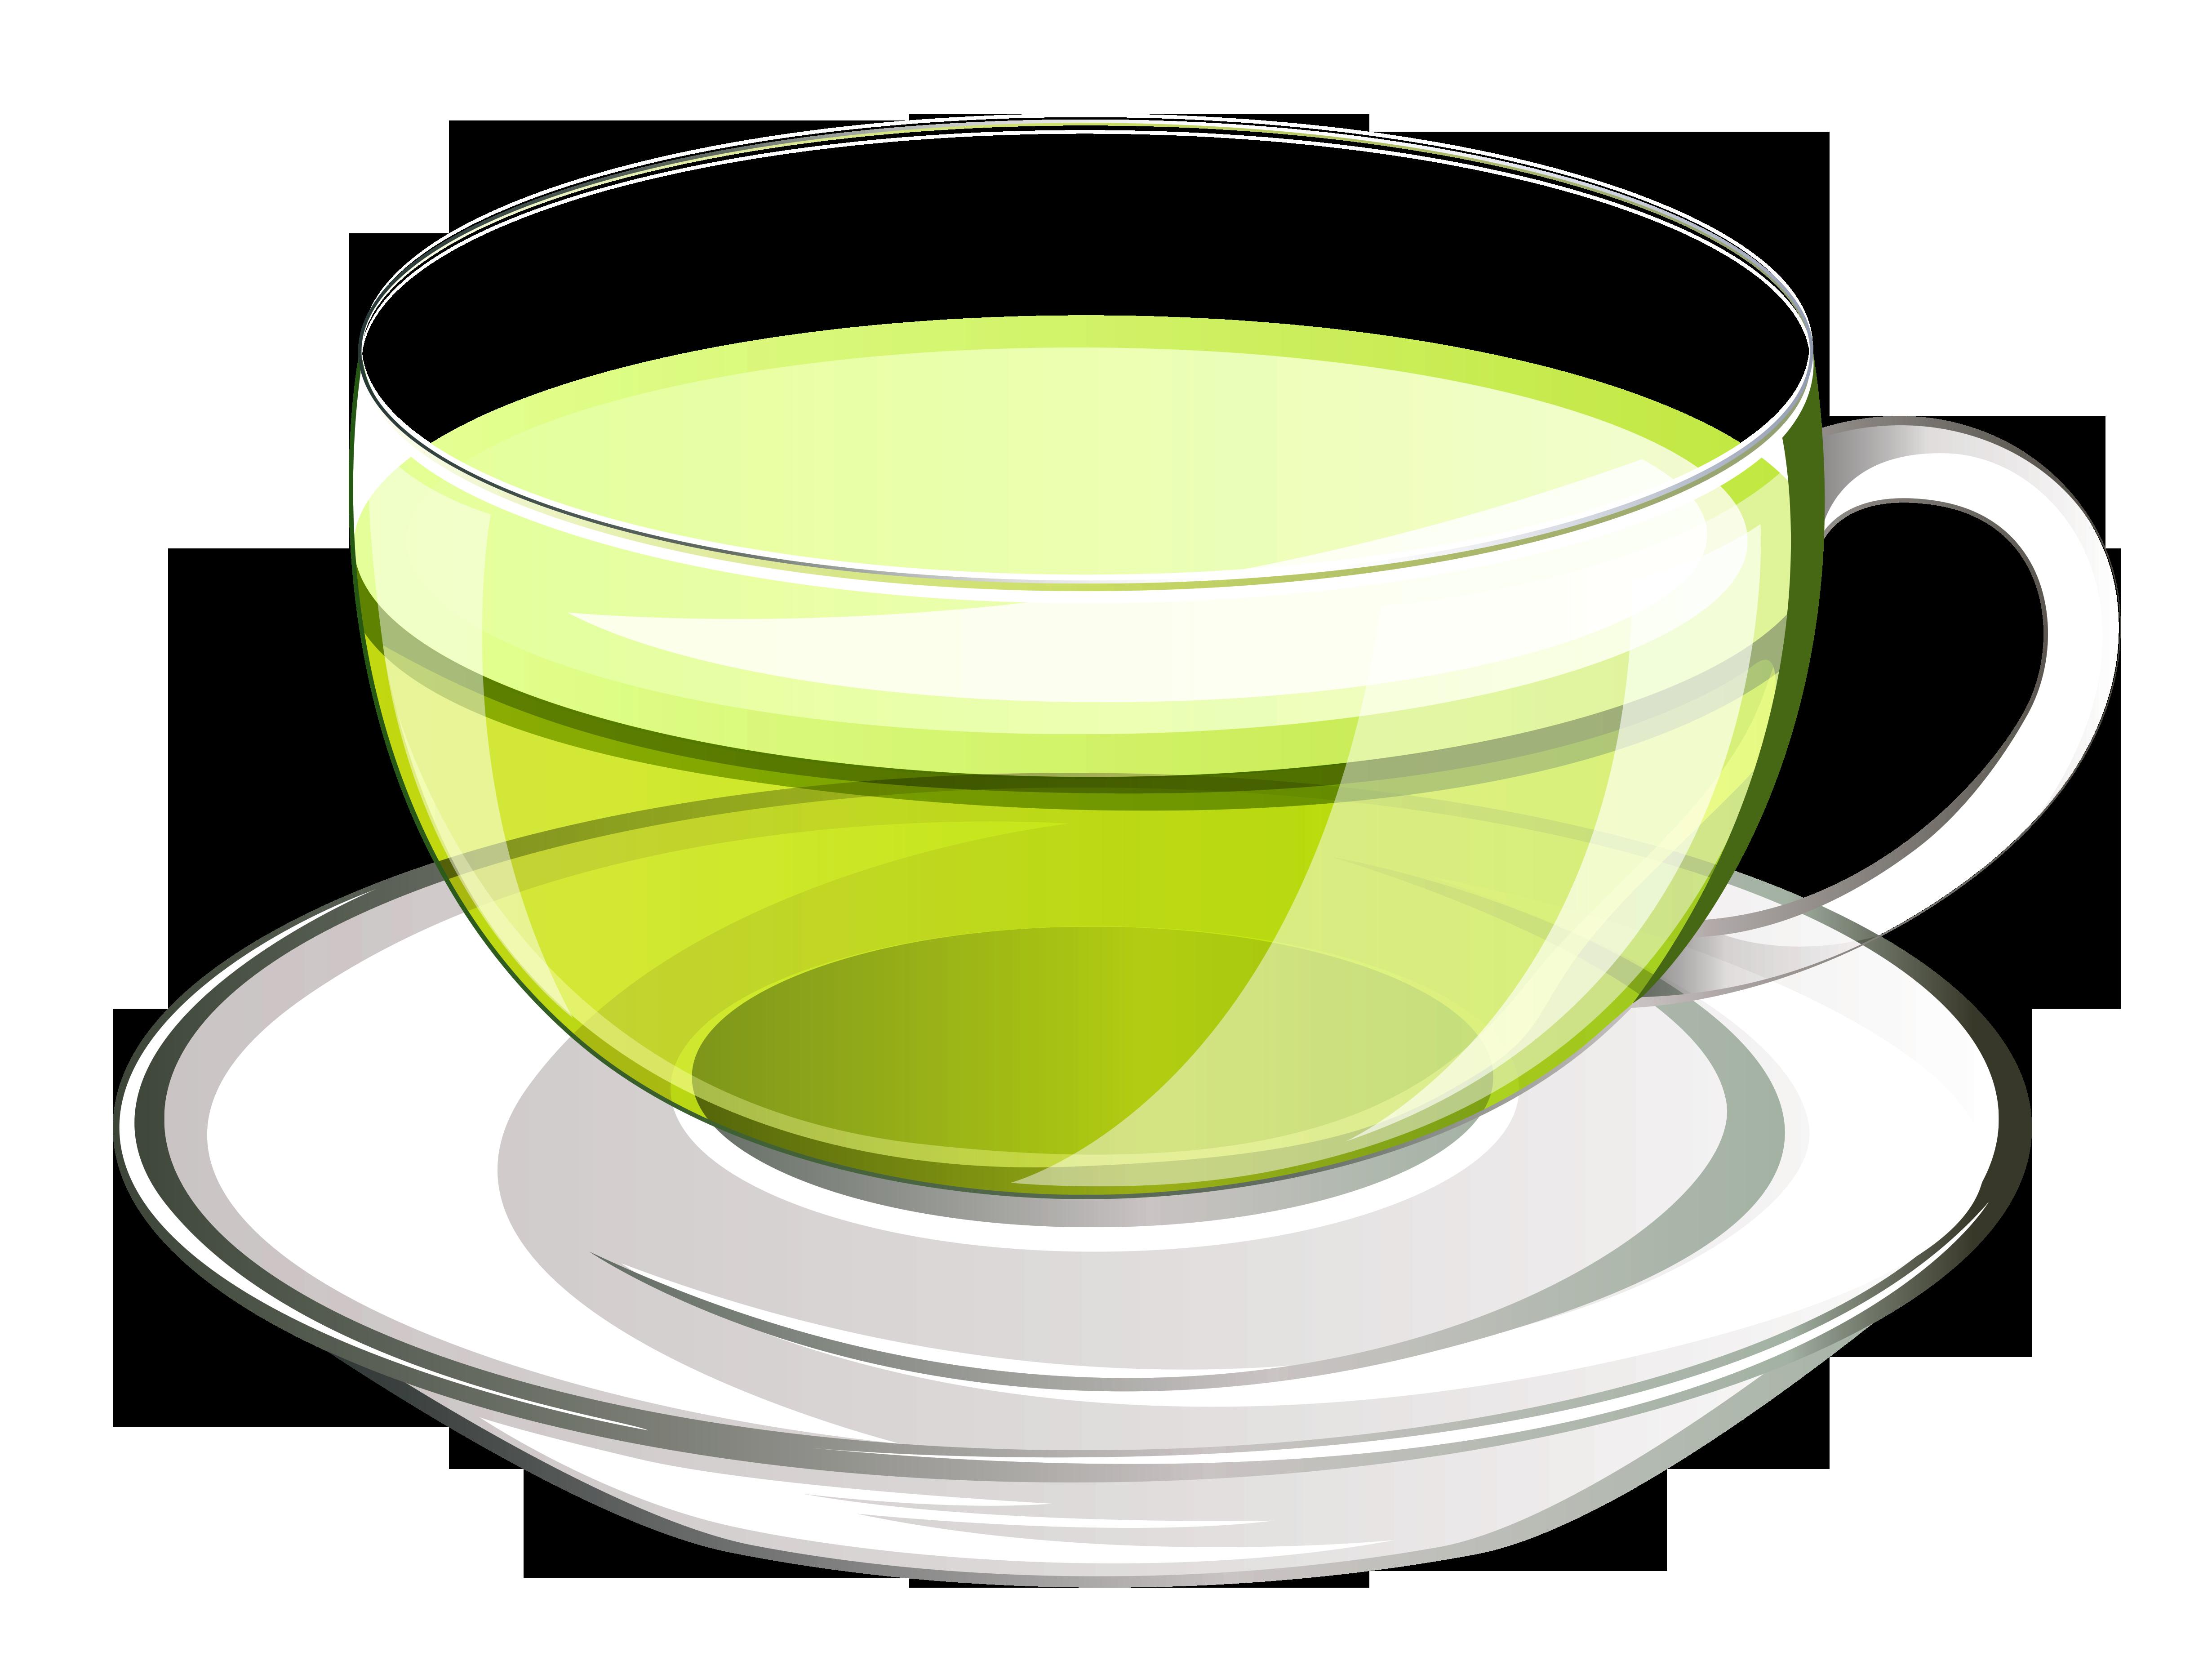 Green tea clipart.